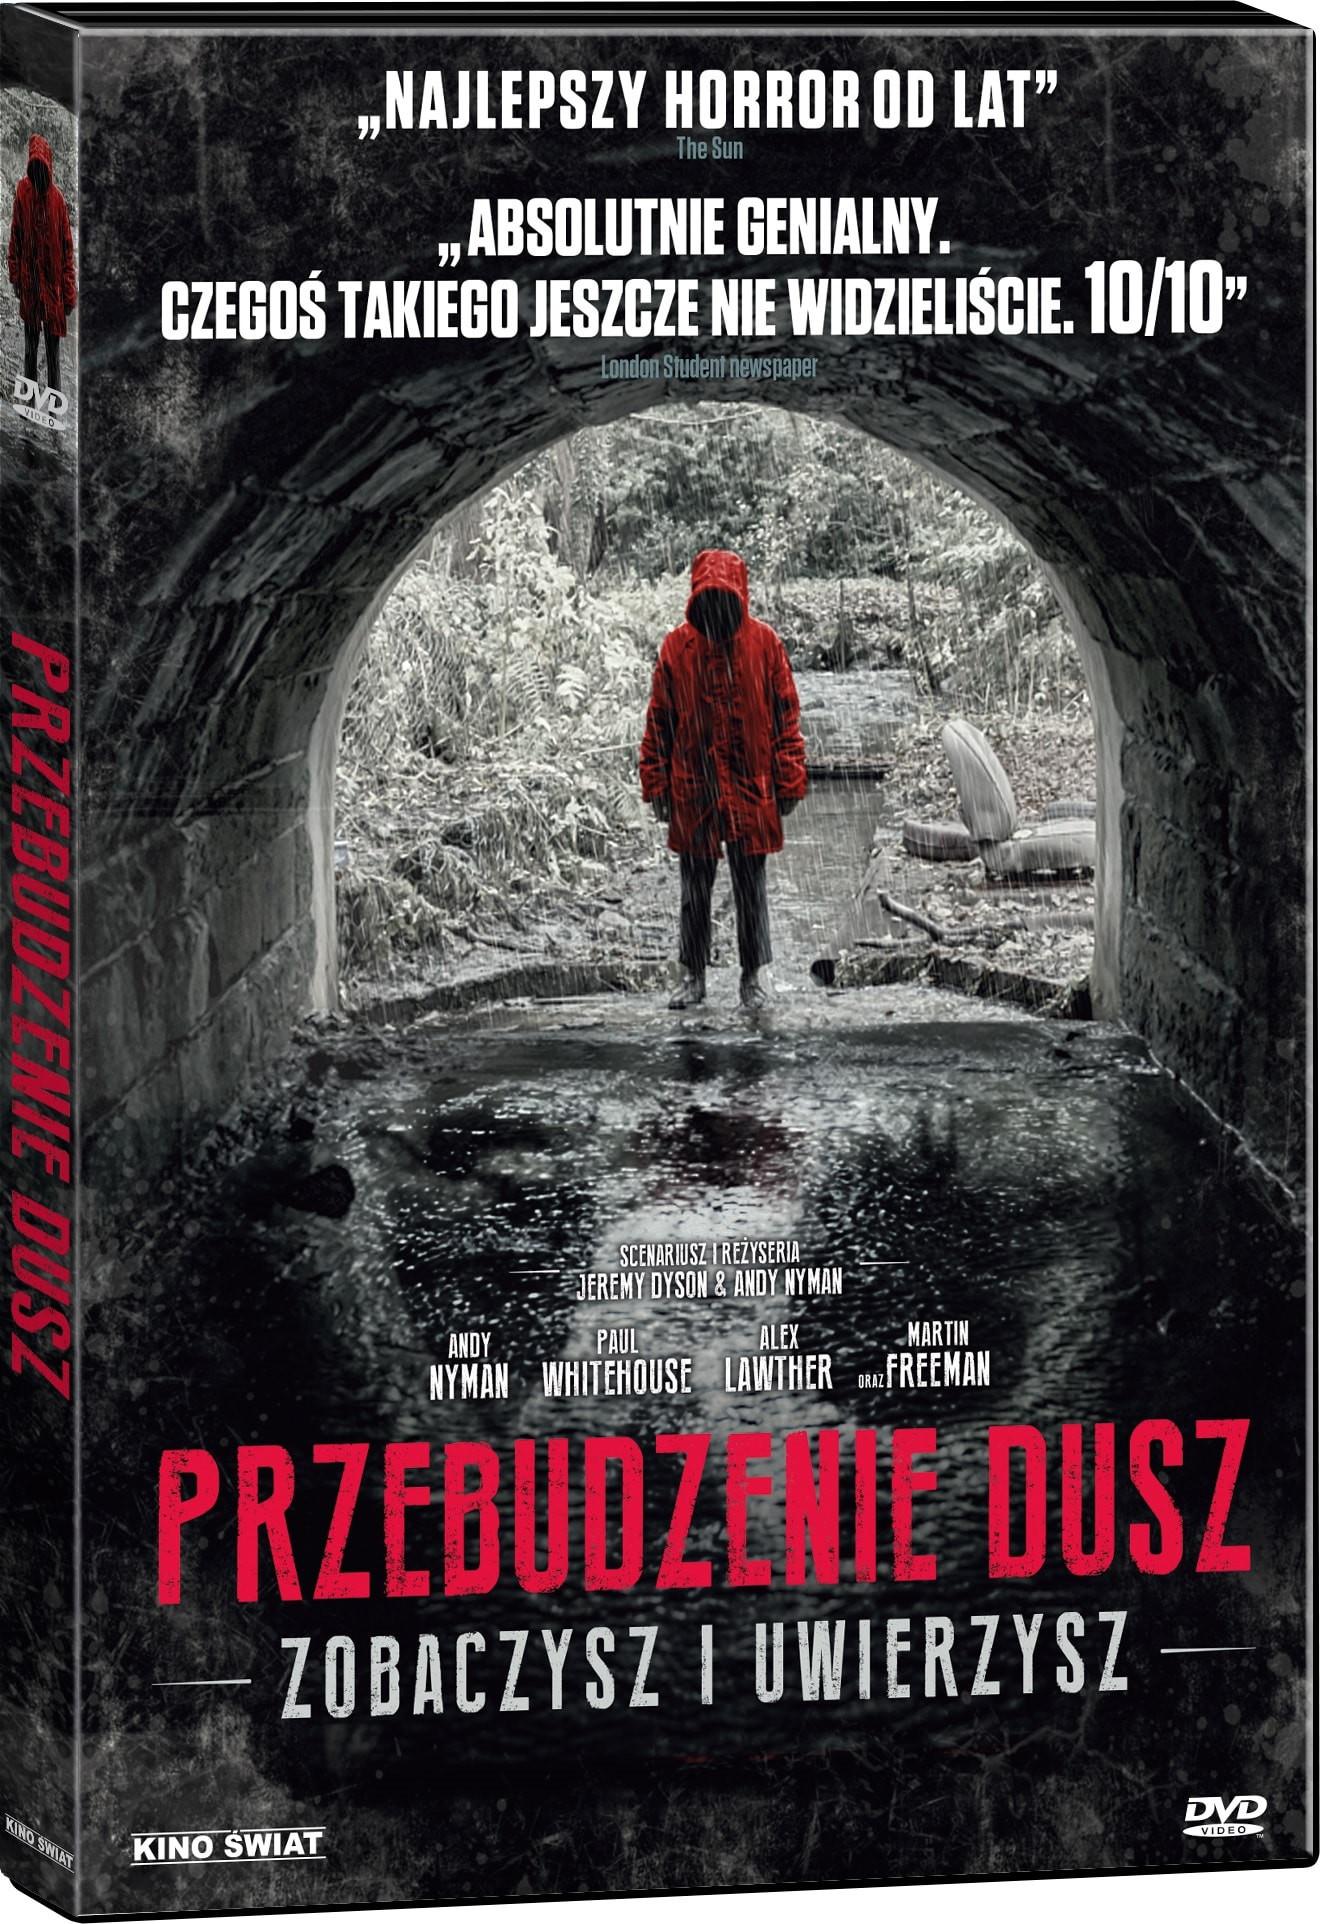 Przebudzenie-dusz_3D-DVD-min.jpg